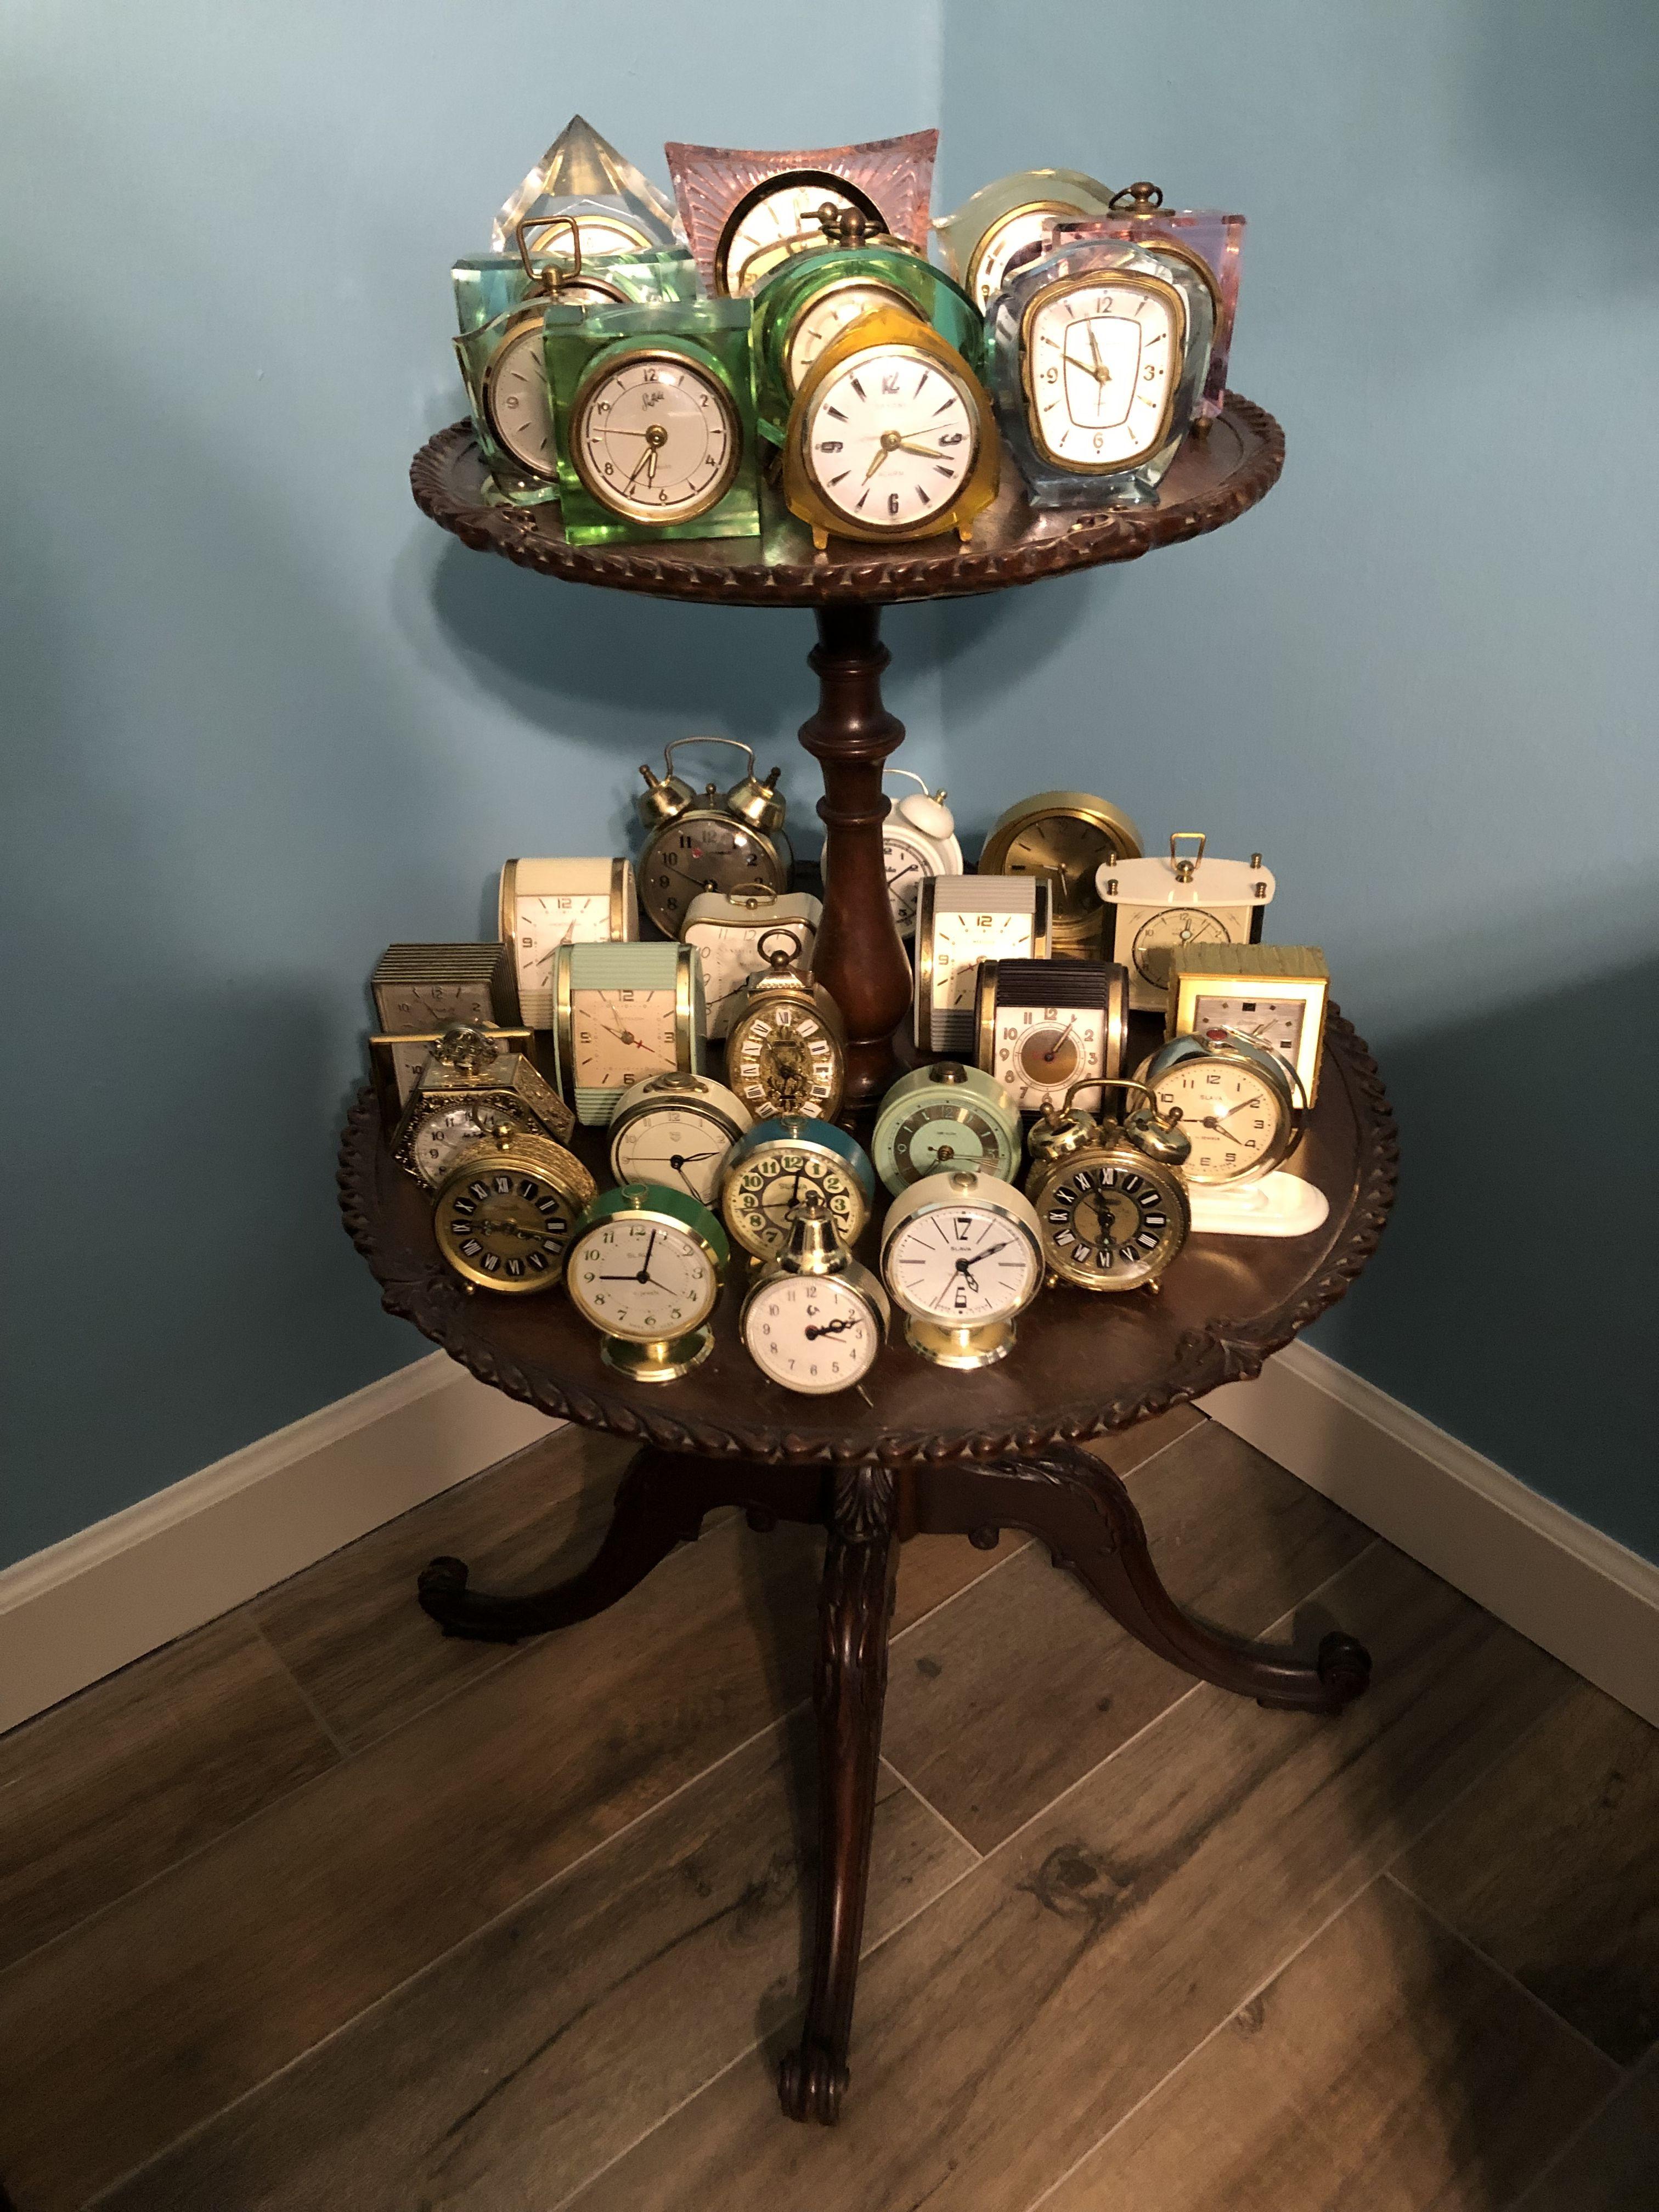 Pin on Vintage windup travel alarm clocks